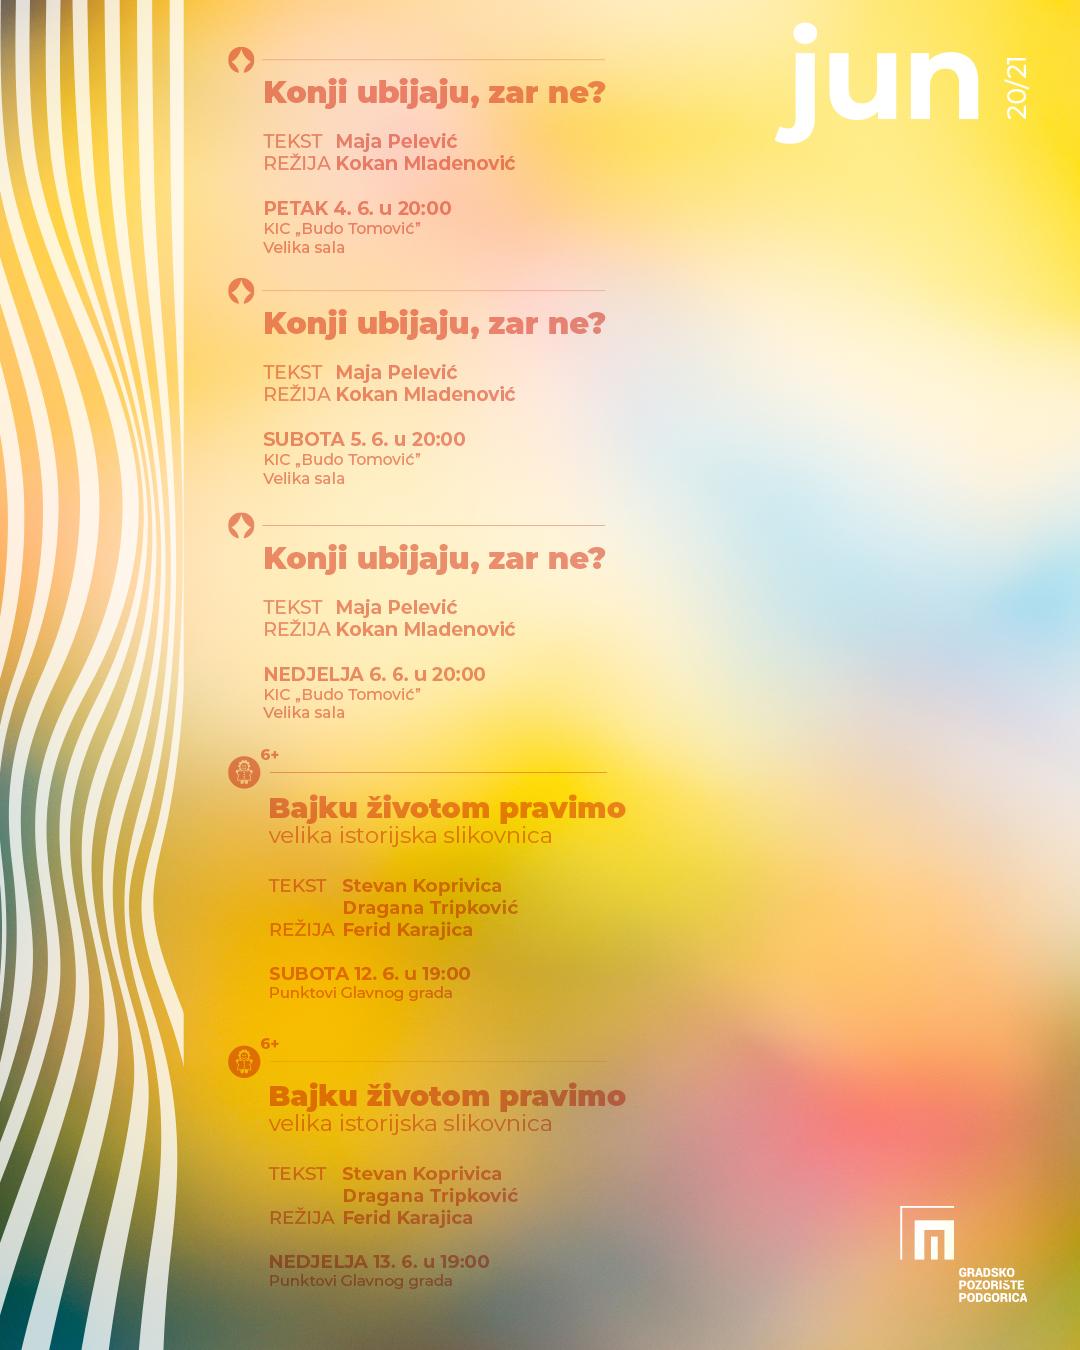 Repertoar Gradskog pozorišta Podgorica za jun mjesec